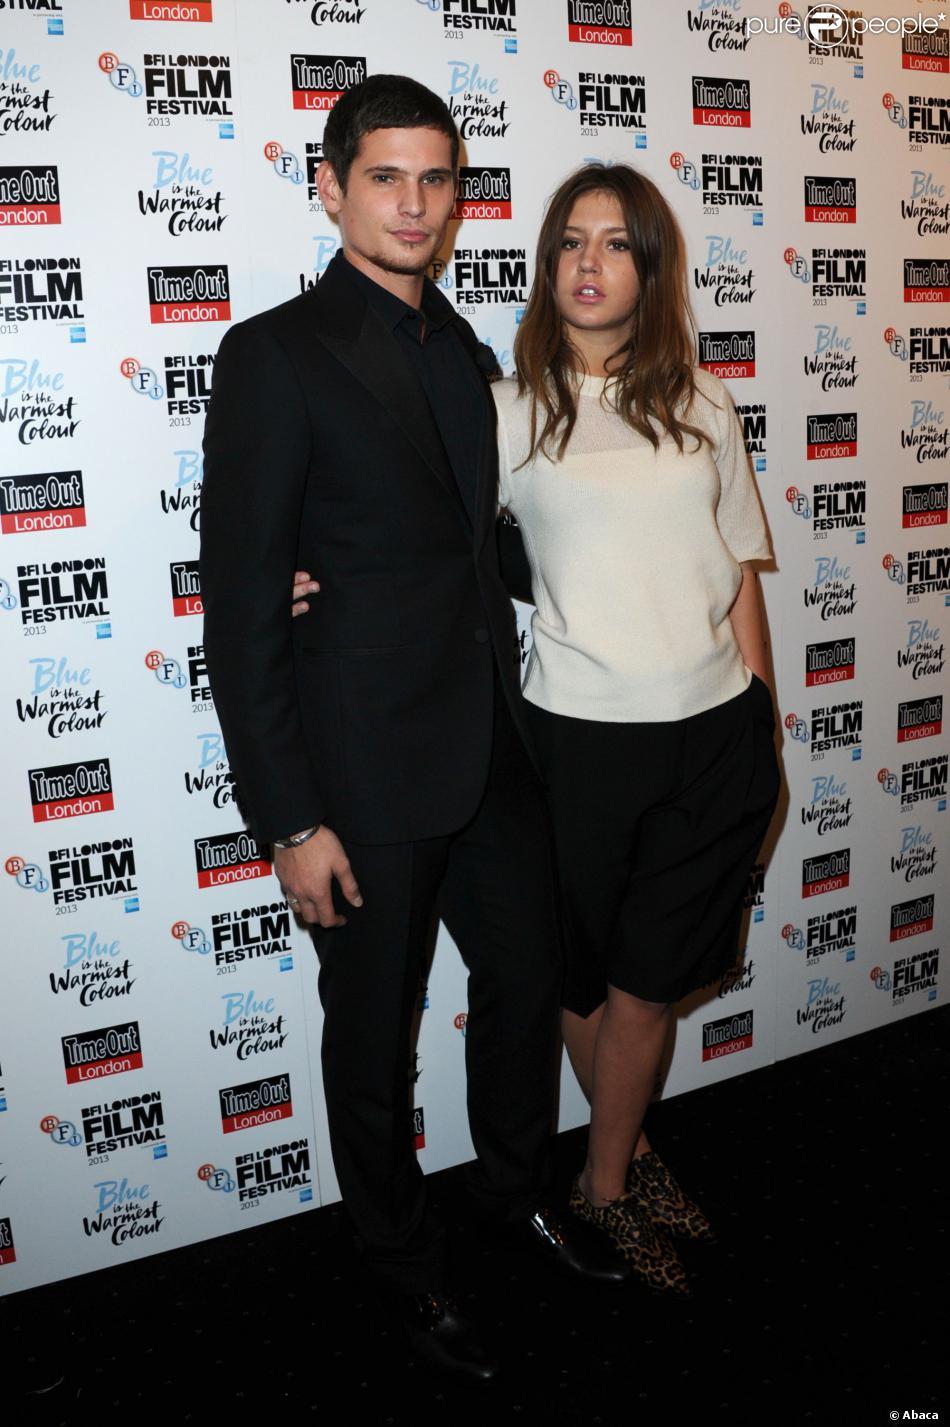 Jérémie Laheurte et Adèle Exarchopoulos lors de la première de Blue Is The Warmest Colour (La Vie D'Adèle) au BFI Film Festival, Curzon Mayfair, Londres, le 14 février 2013.